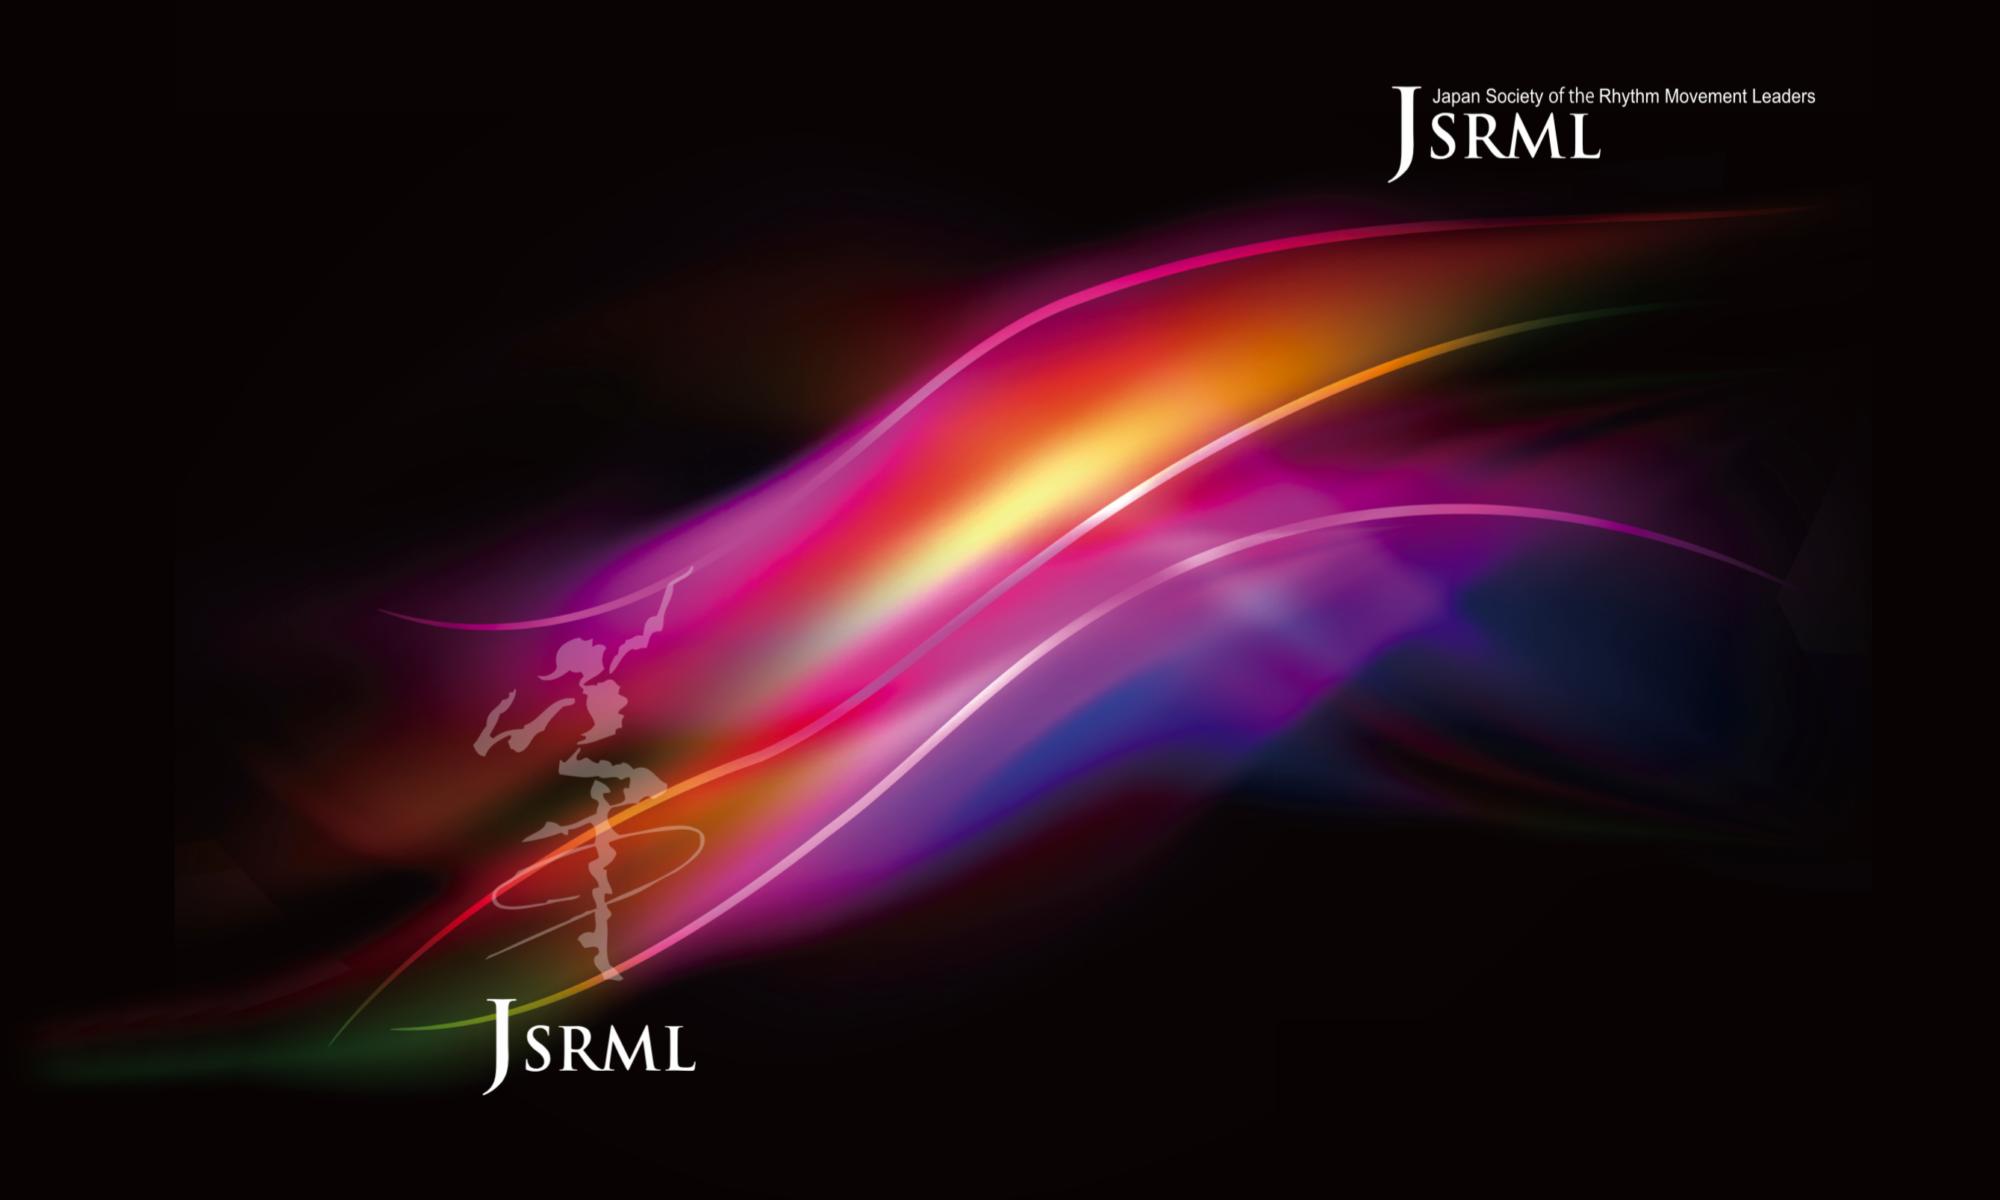 JSRML 日本リズムムーヴメント指導者協会